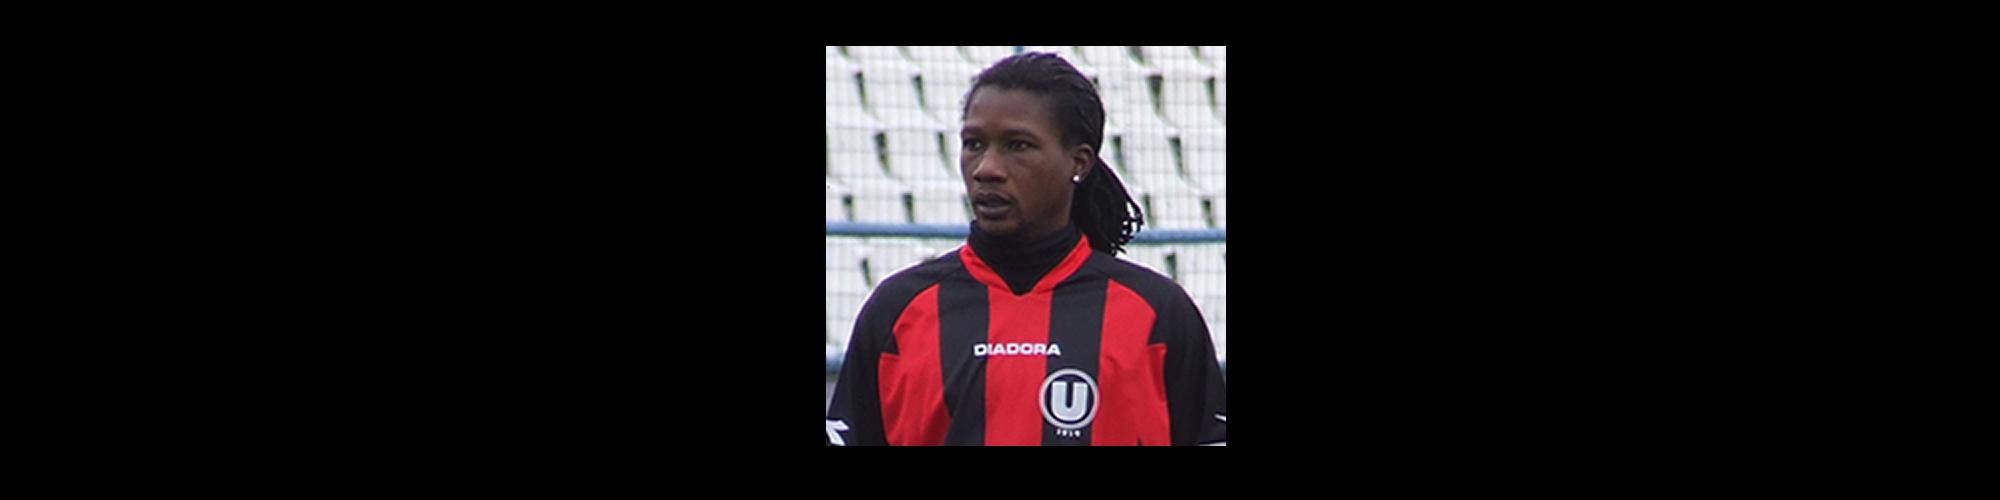 Mamadou Zongo